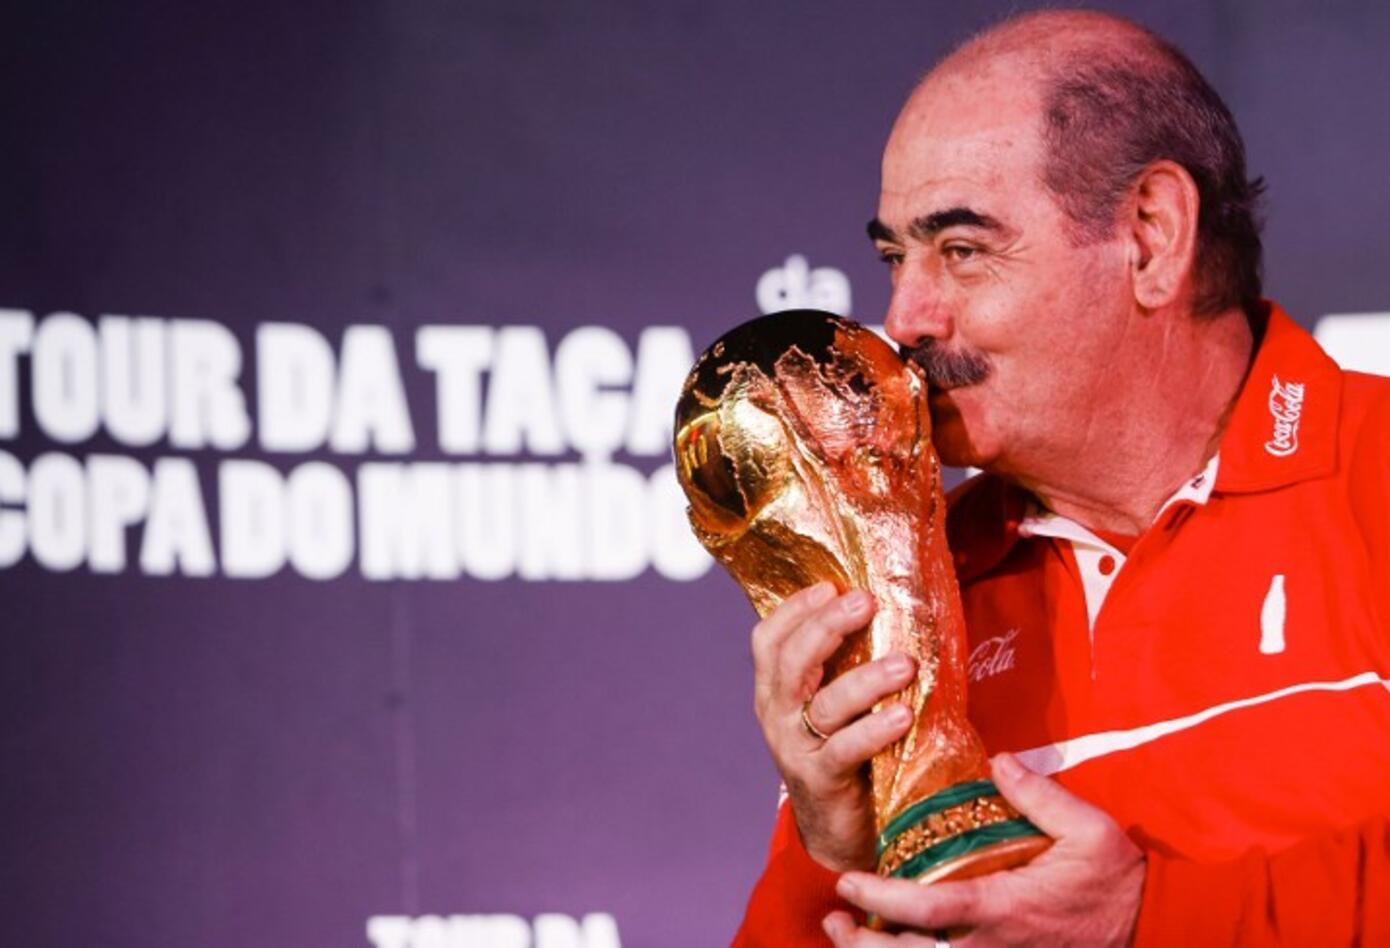 Roberto Rivelino es un exfutbolista brasileño que fue considerado como uno de los mejores jugadores sudamericanos. Fue campeón del mundo en 1970.